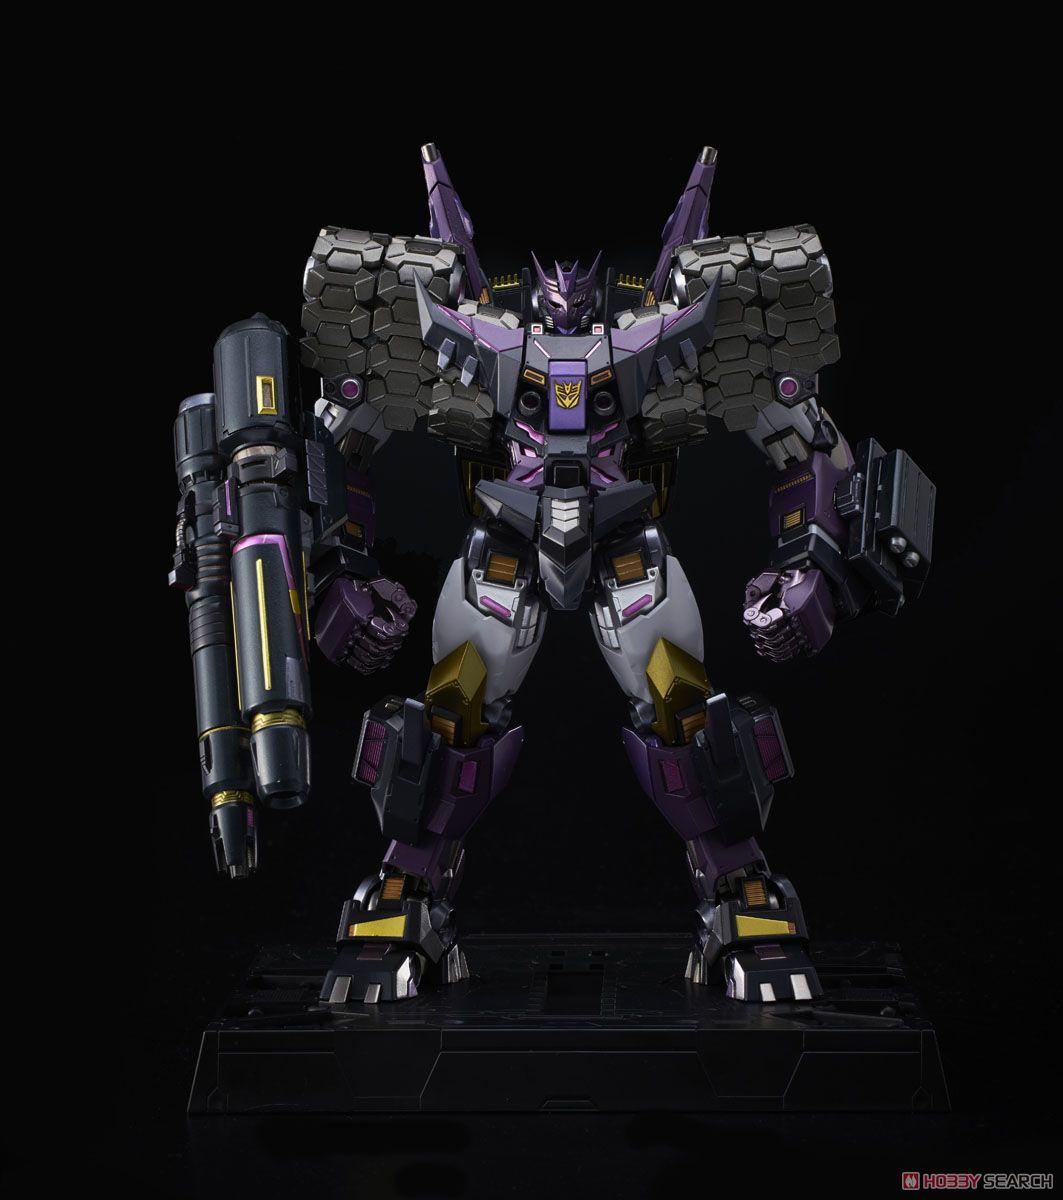 鉄機巧『ターン|トランスフォーマー』可動フィギュア-001